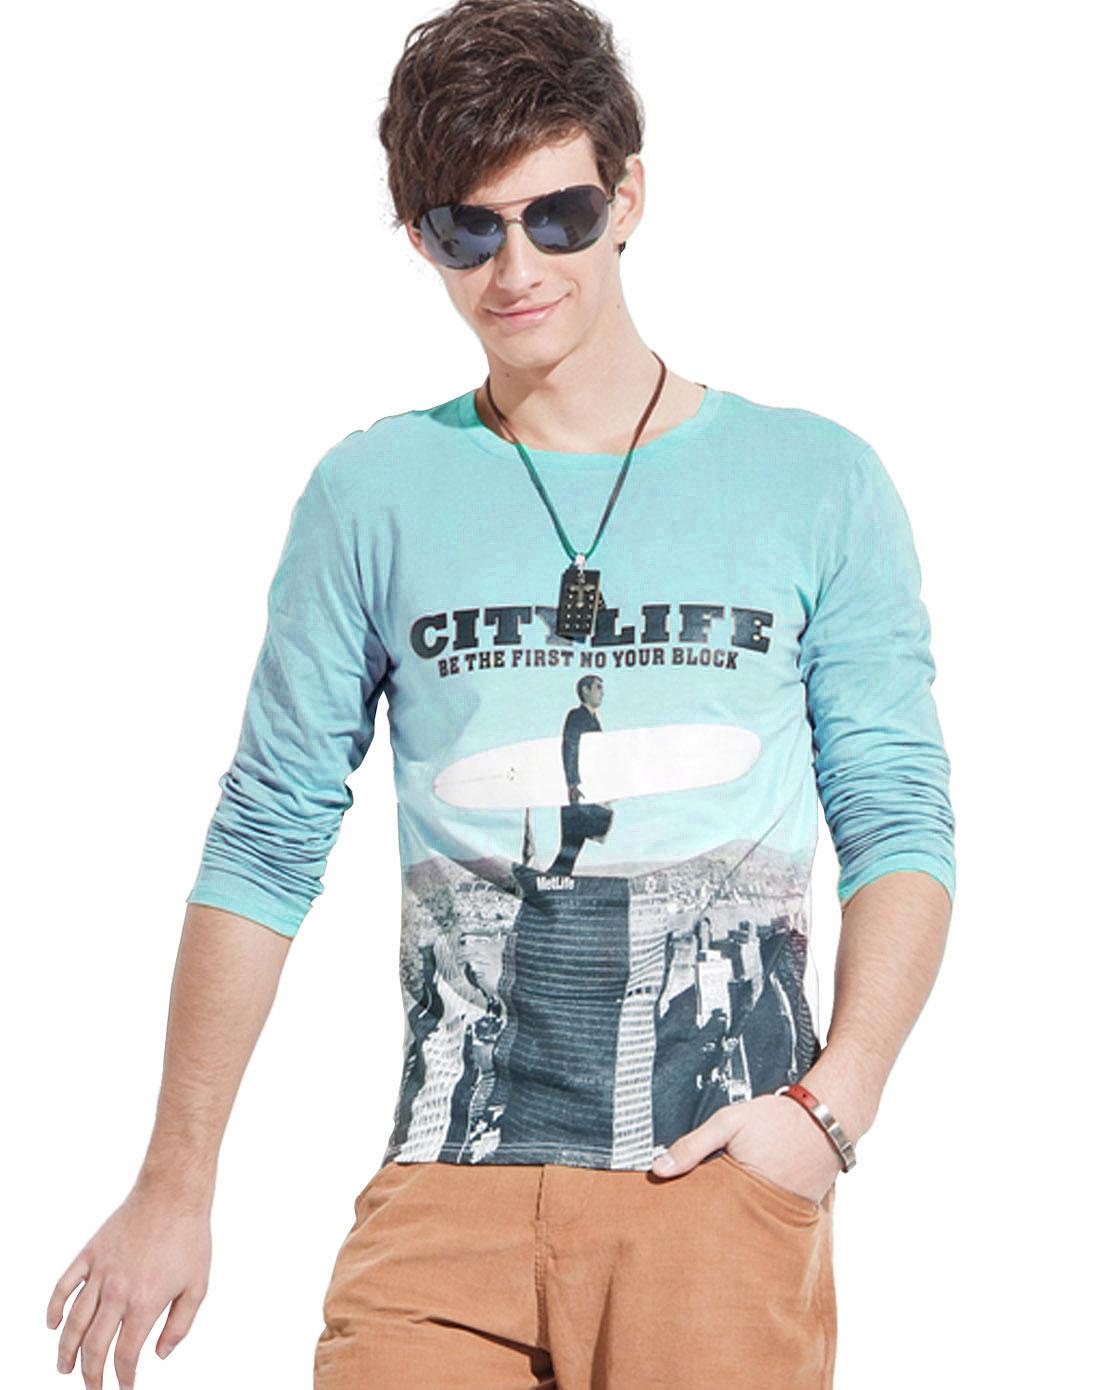 简时尚品justyle_简时尚品justyle男装专场-浅绿色圆领城市印图长袖t恤